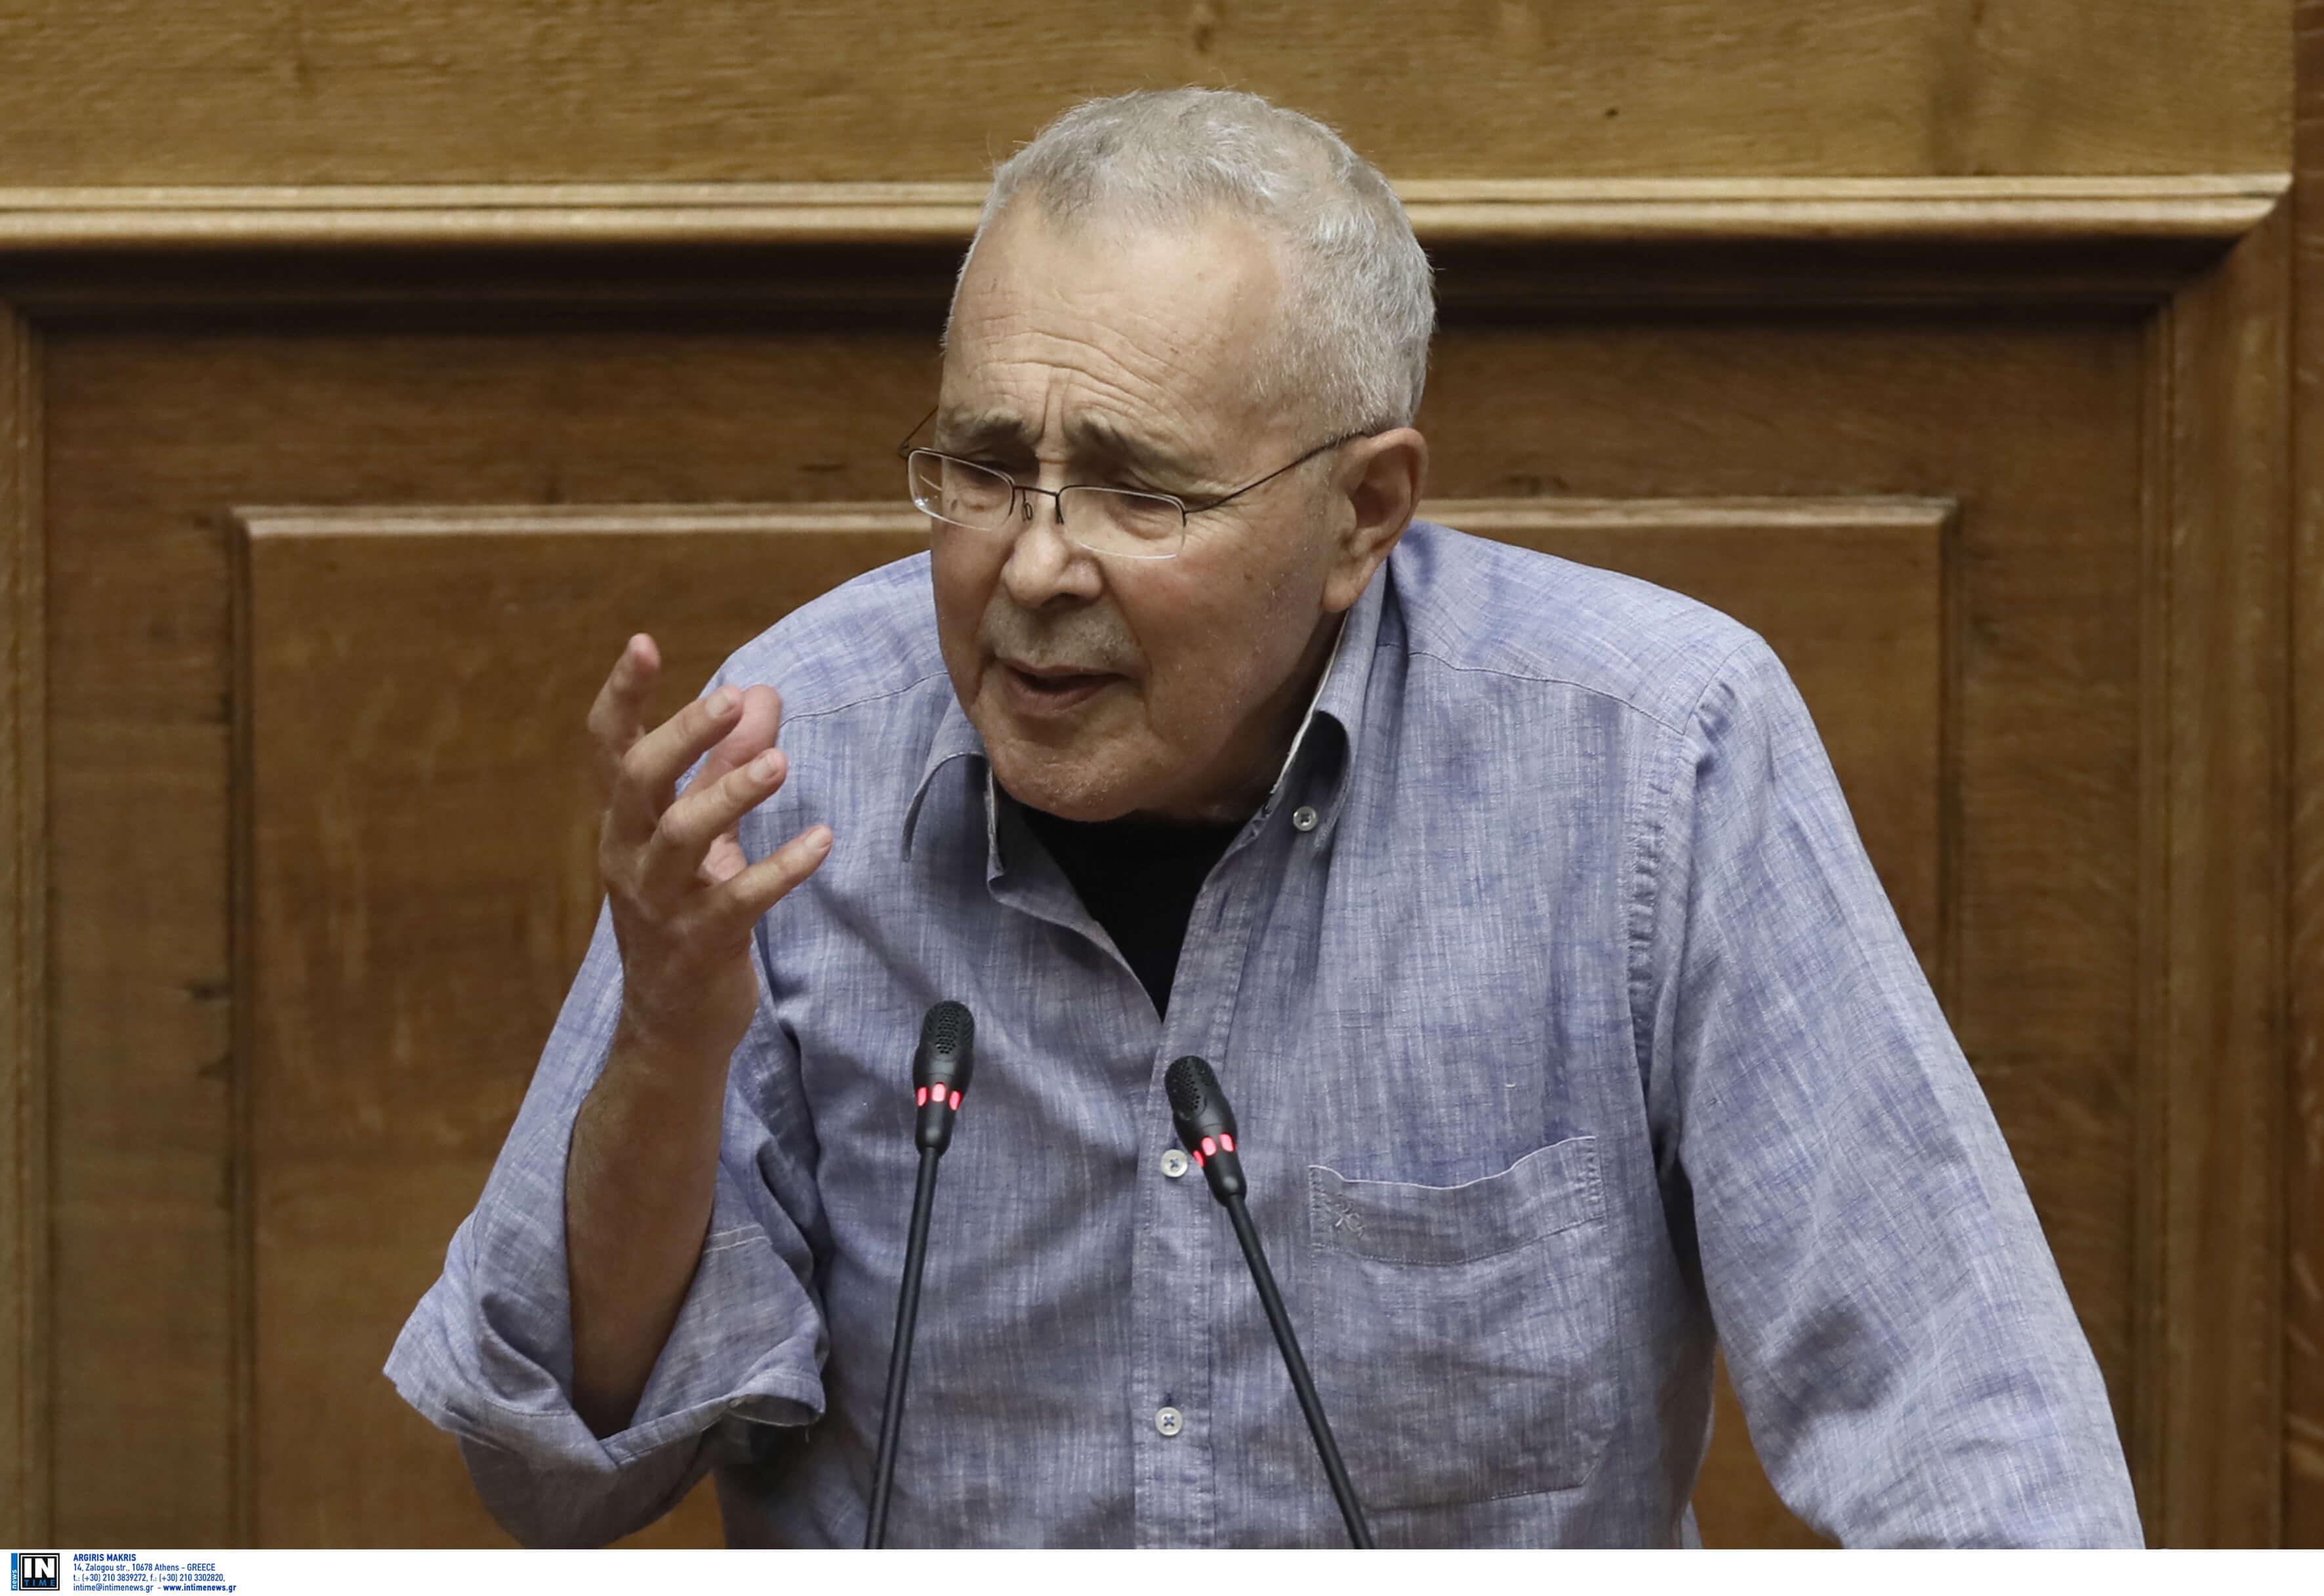 Ζουράρις: Να πέσει στα πόδια μου ο Μητσοτάκης και να μου ζητήσει συγγνώμη